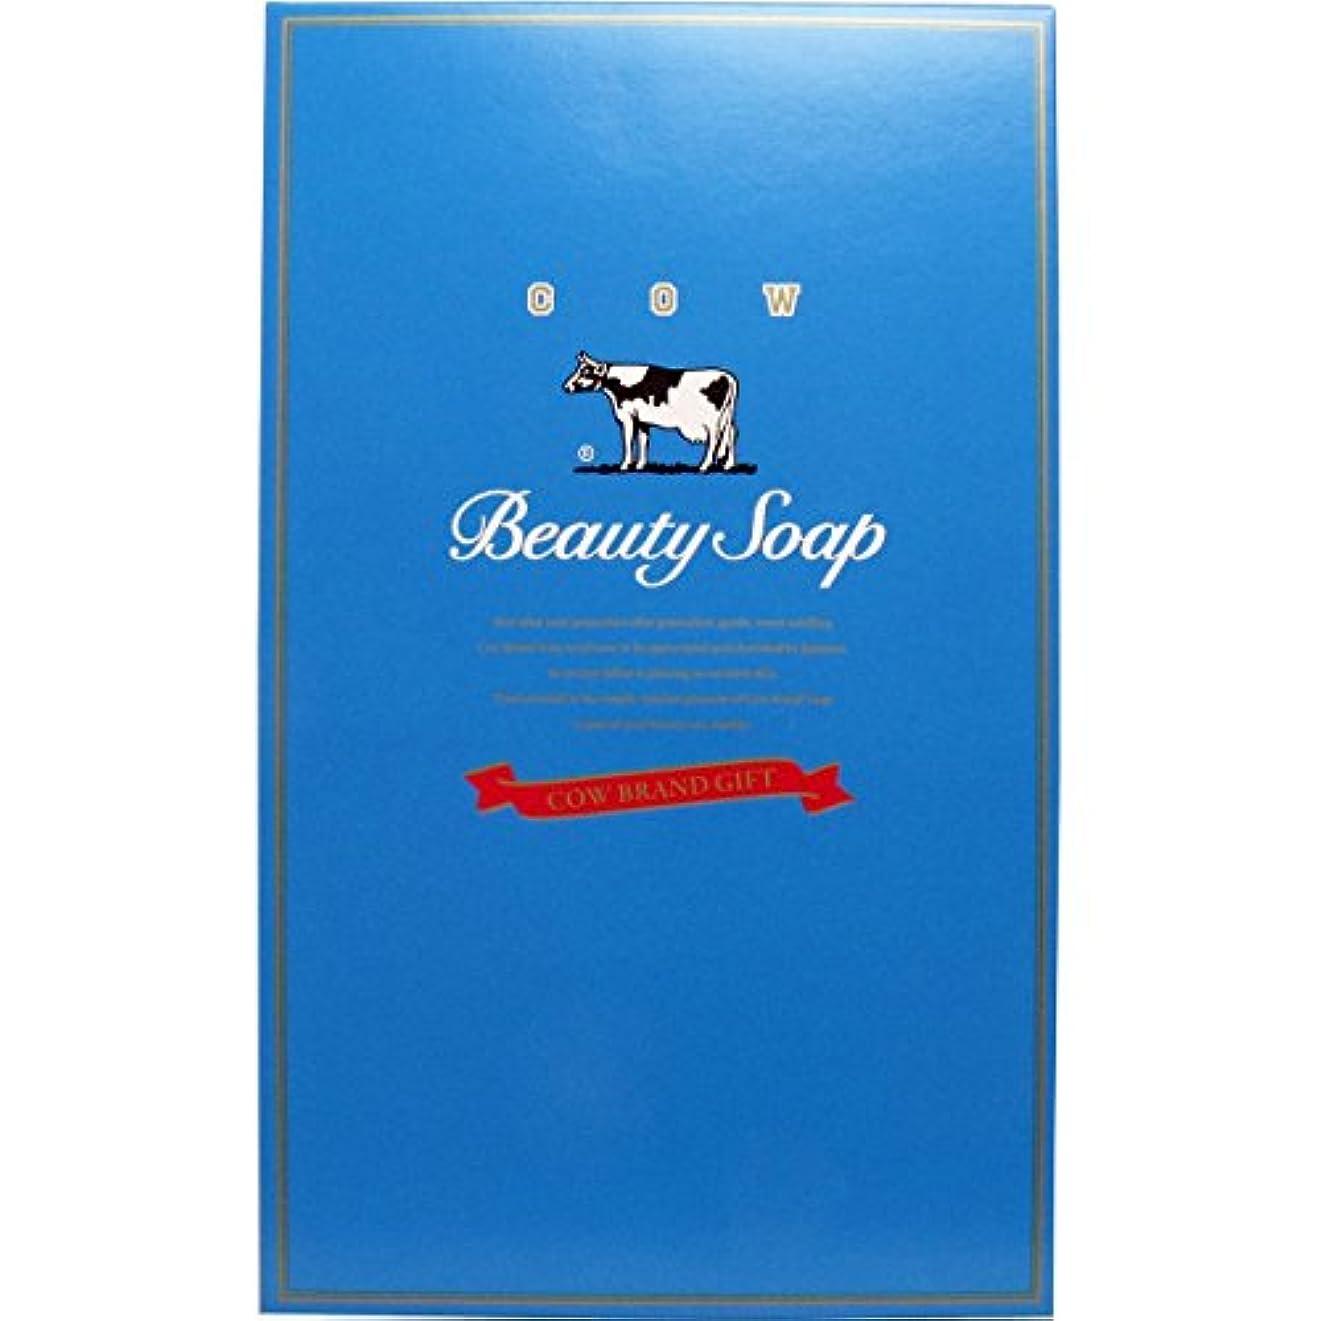 集計過敏な雄弁なカウブランド 青箱 10コ入 × 10個セット